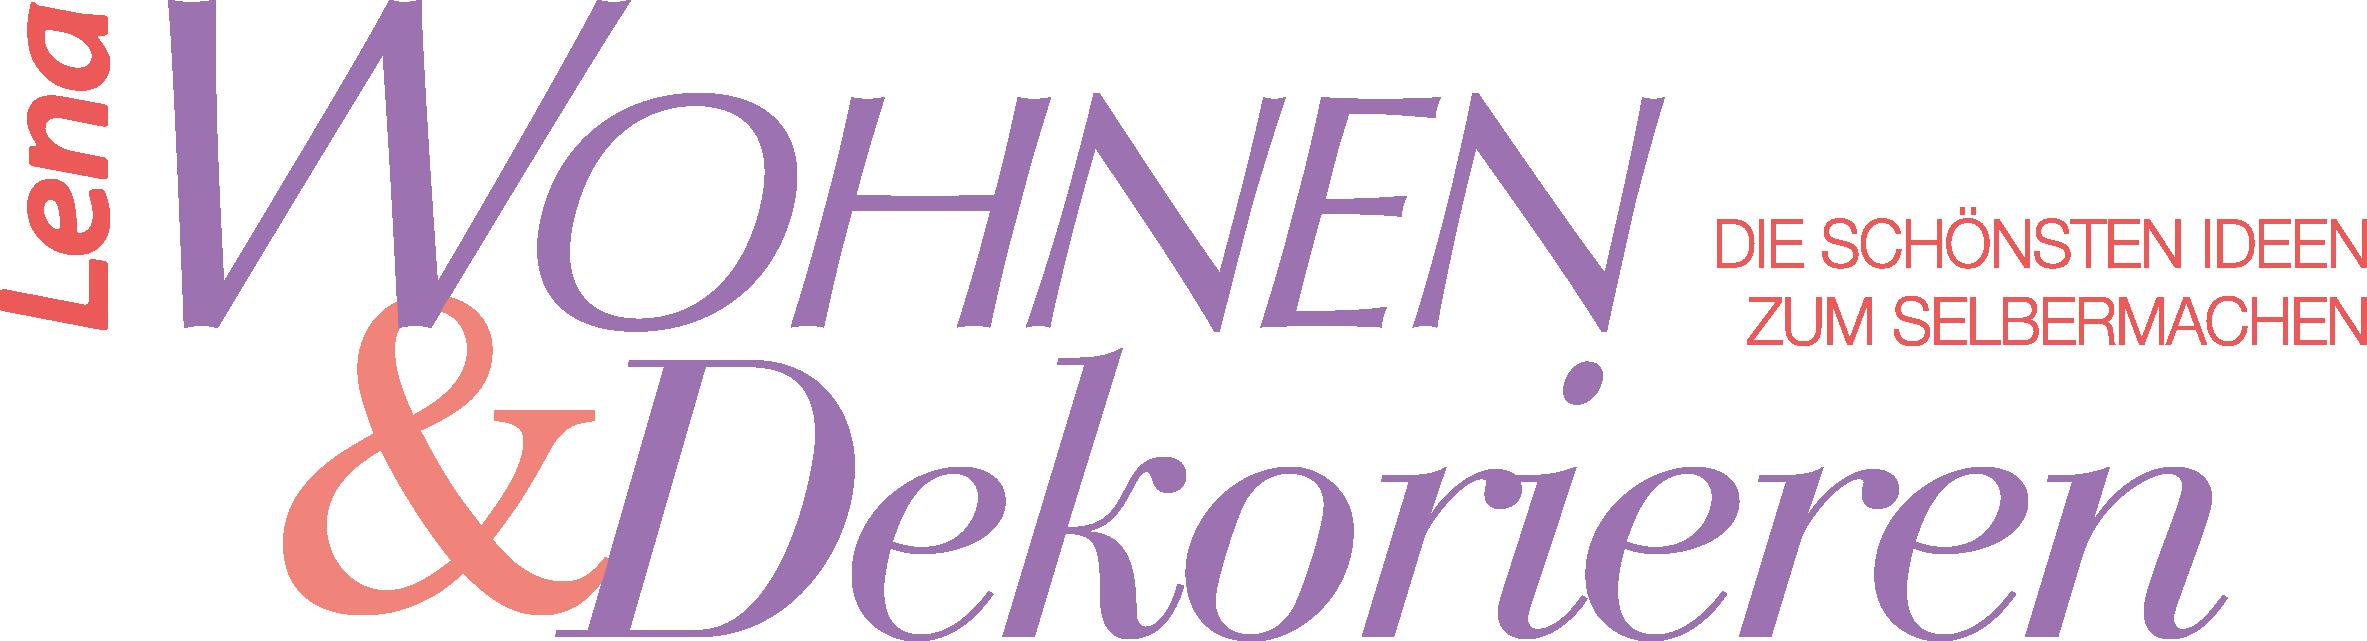 Lena Wohnen & Dekorieren